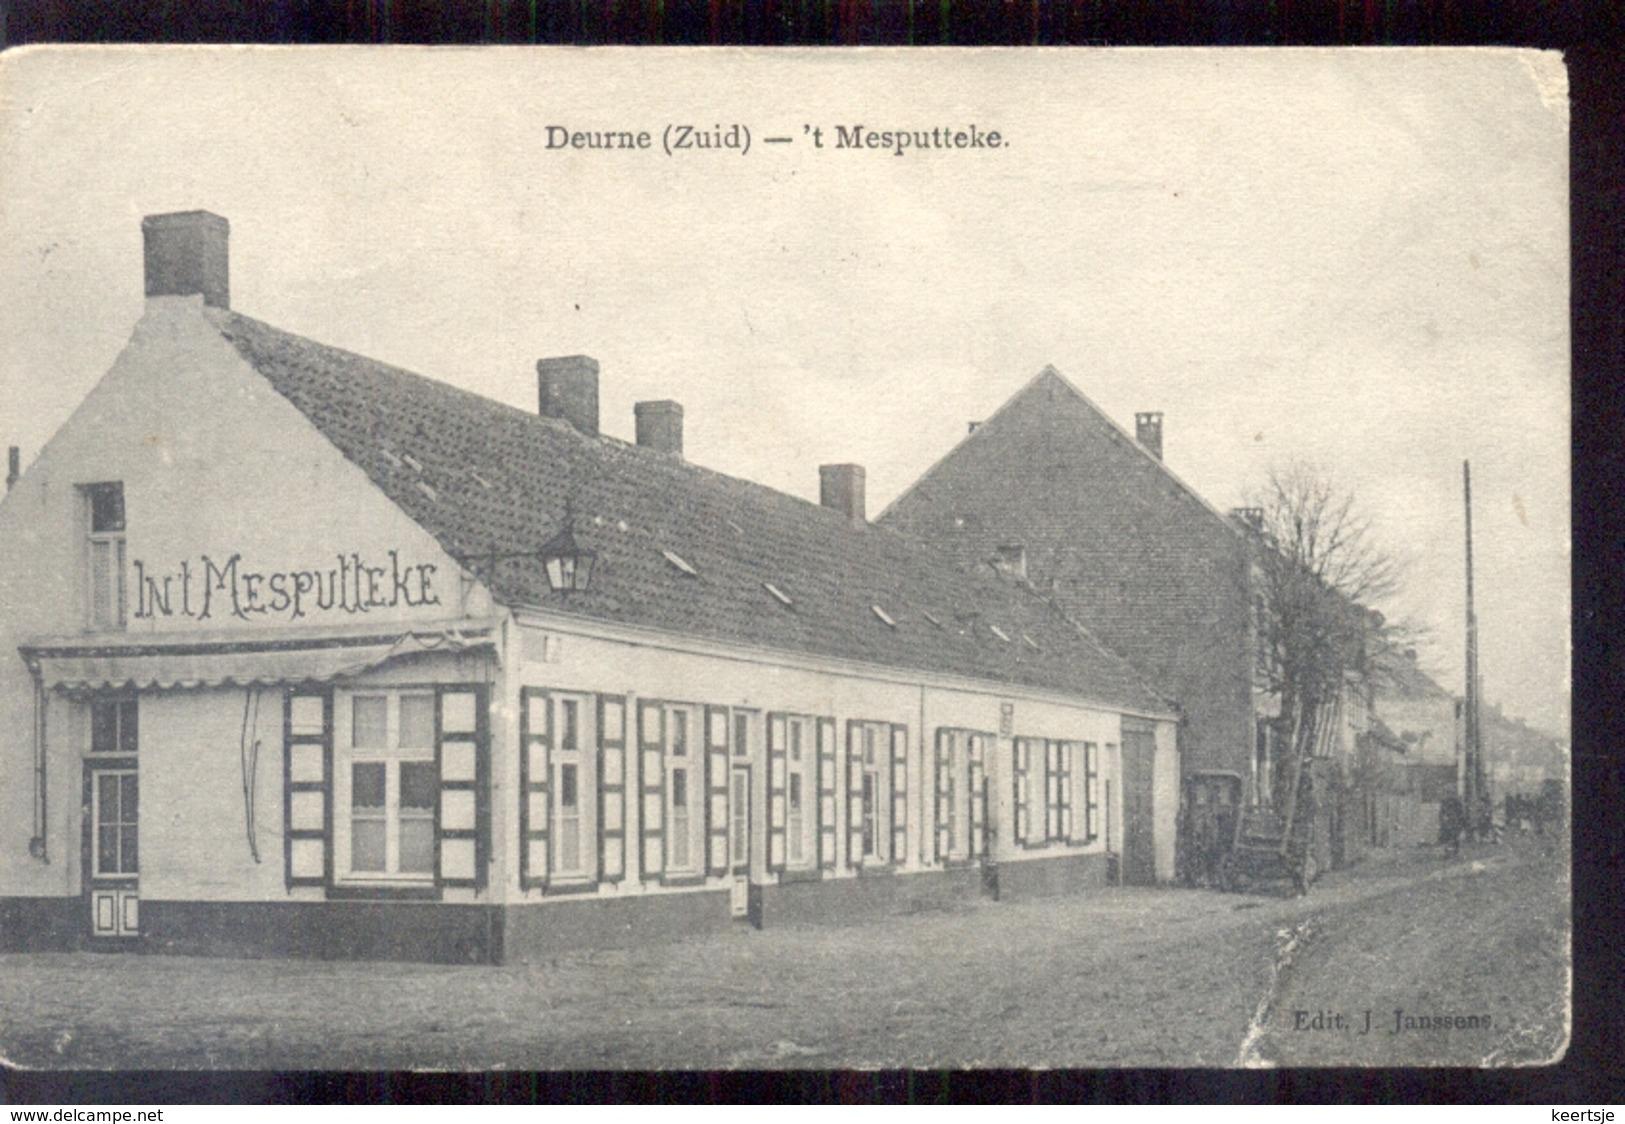 Belgie - Deurne - T Mesputteke   - 1925 - Belgique